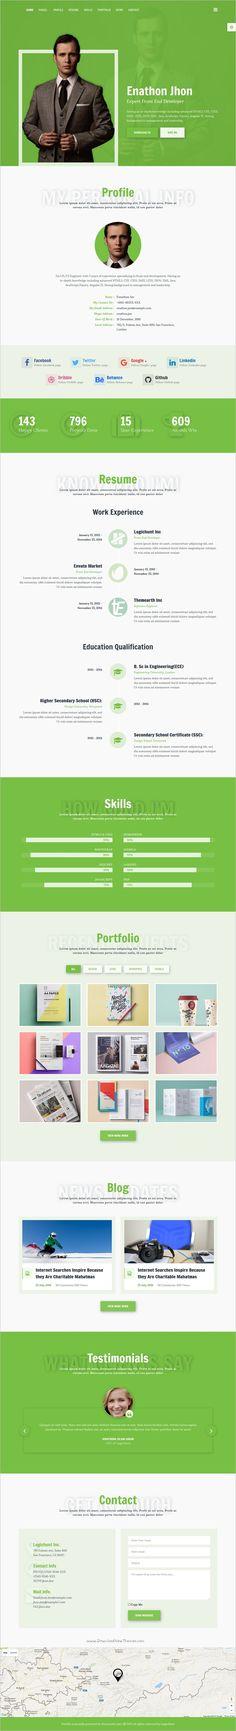 Smart  Personal Portfolio  Cv  Resume Template  Cv Resume